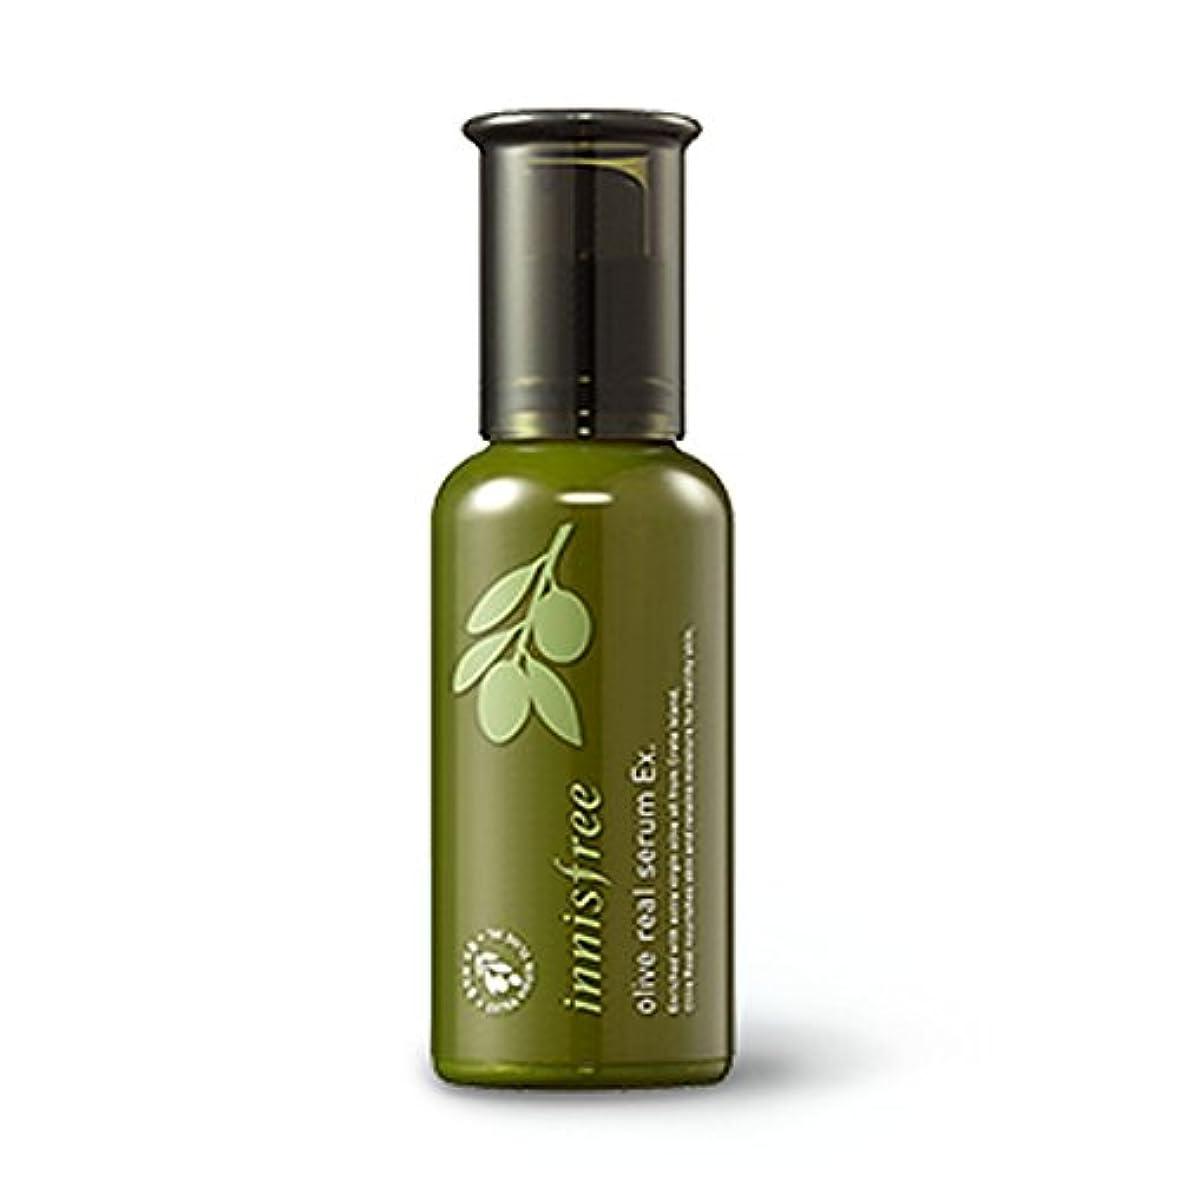 ツールフレア革命的イニスフリーオリーブリアルセラム 50ml / Innisfree Olive Real Serum Ex. 50ml[海外直送品][並行輸入品]